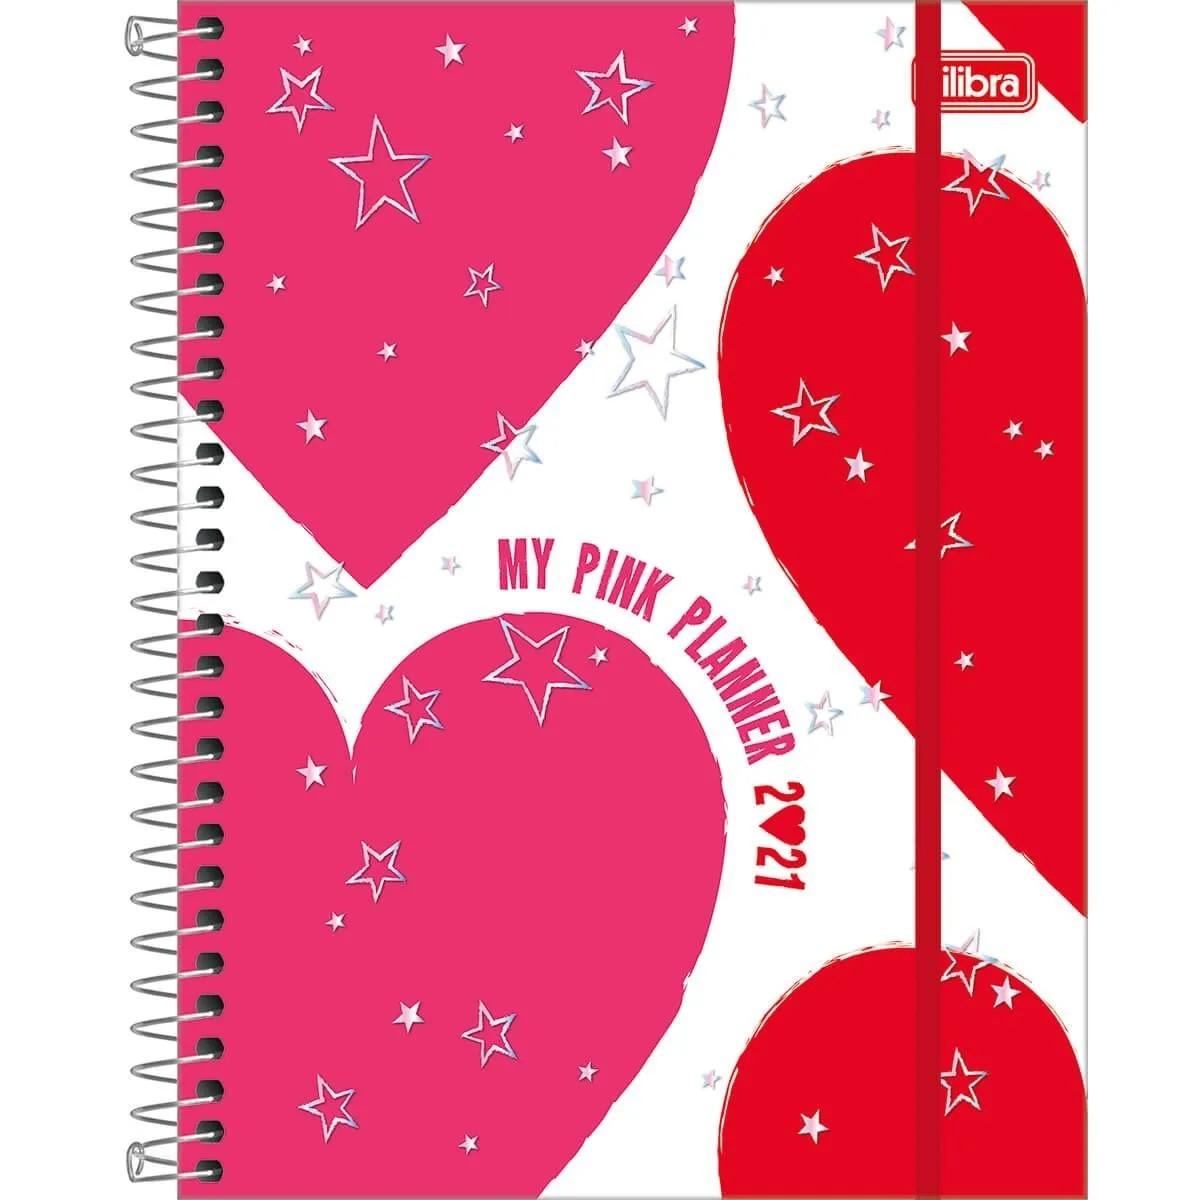 Agenda Espiral Planner Love Pink 2021 Tilibra